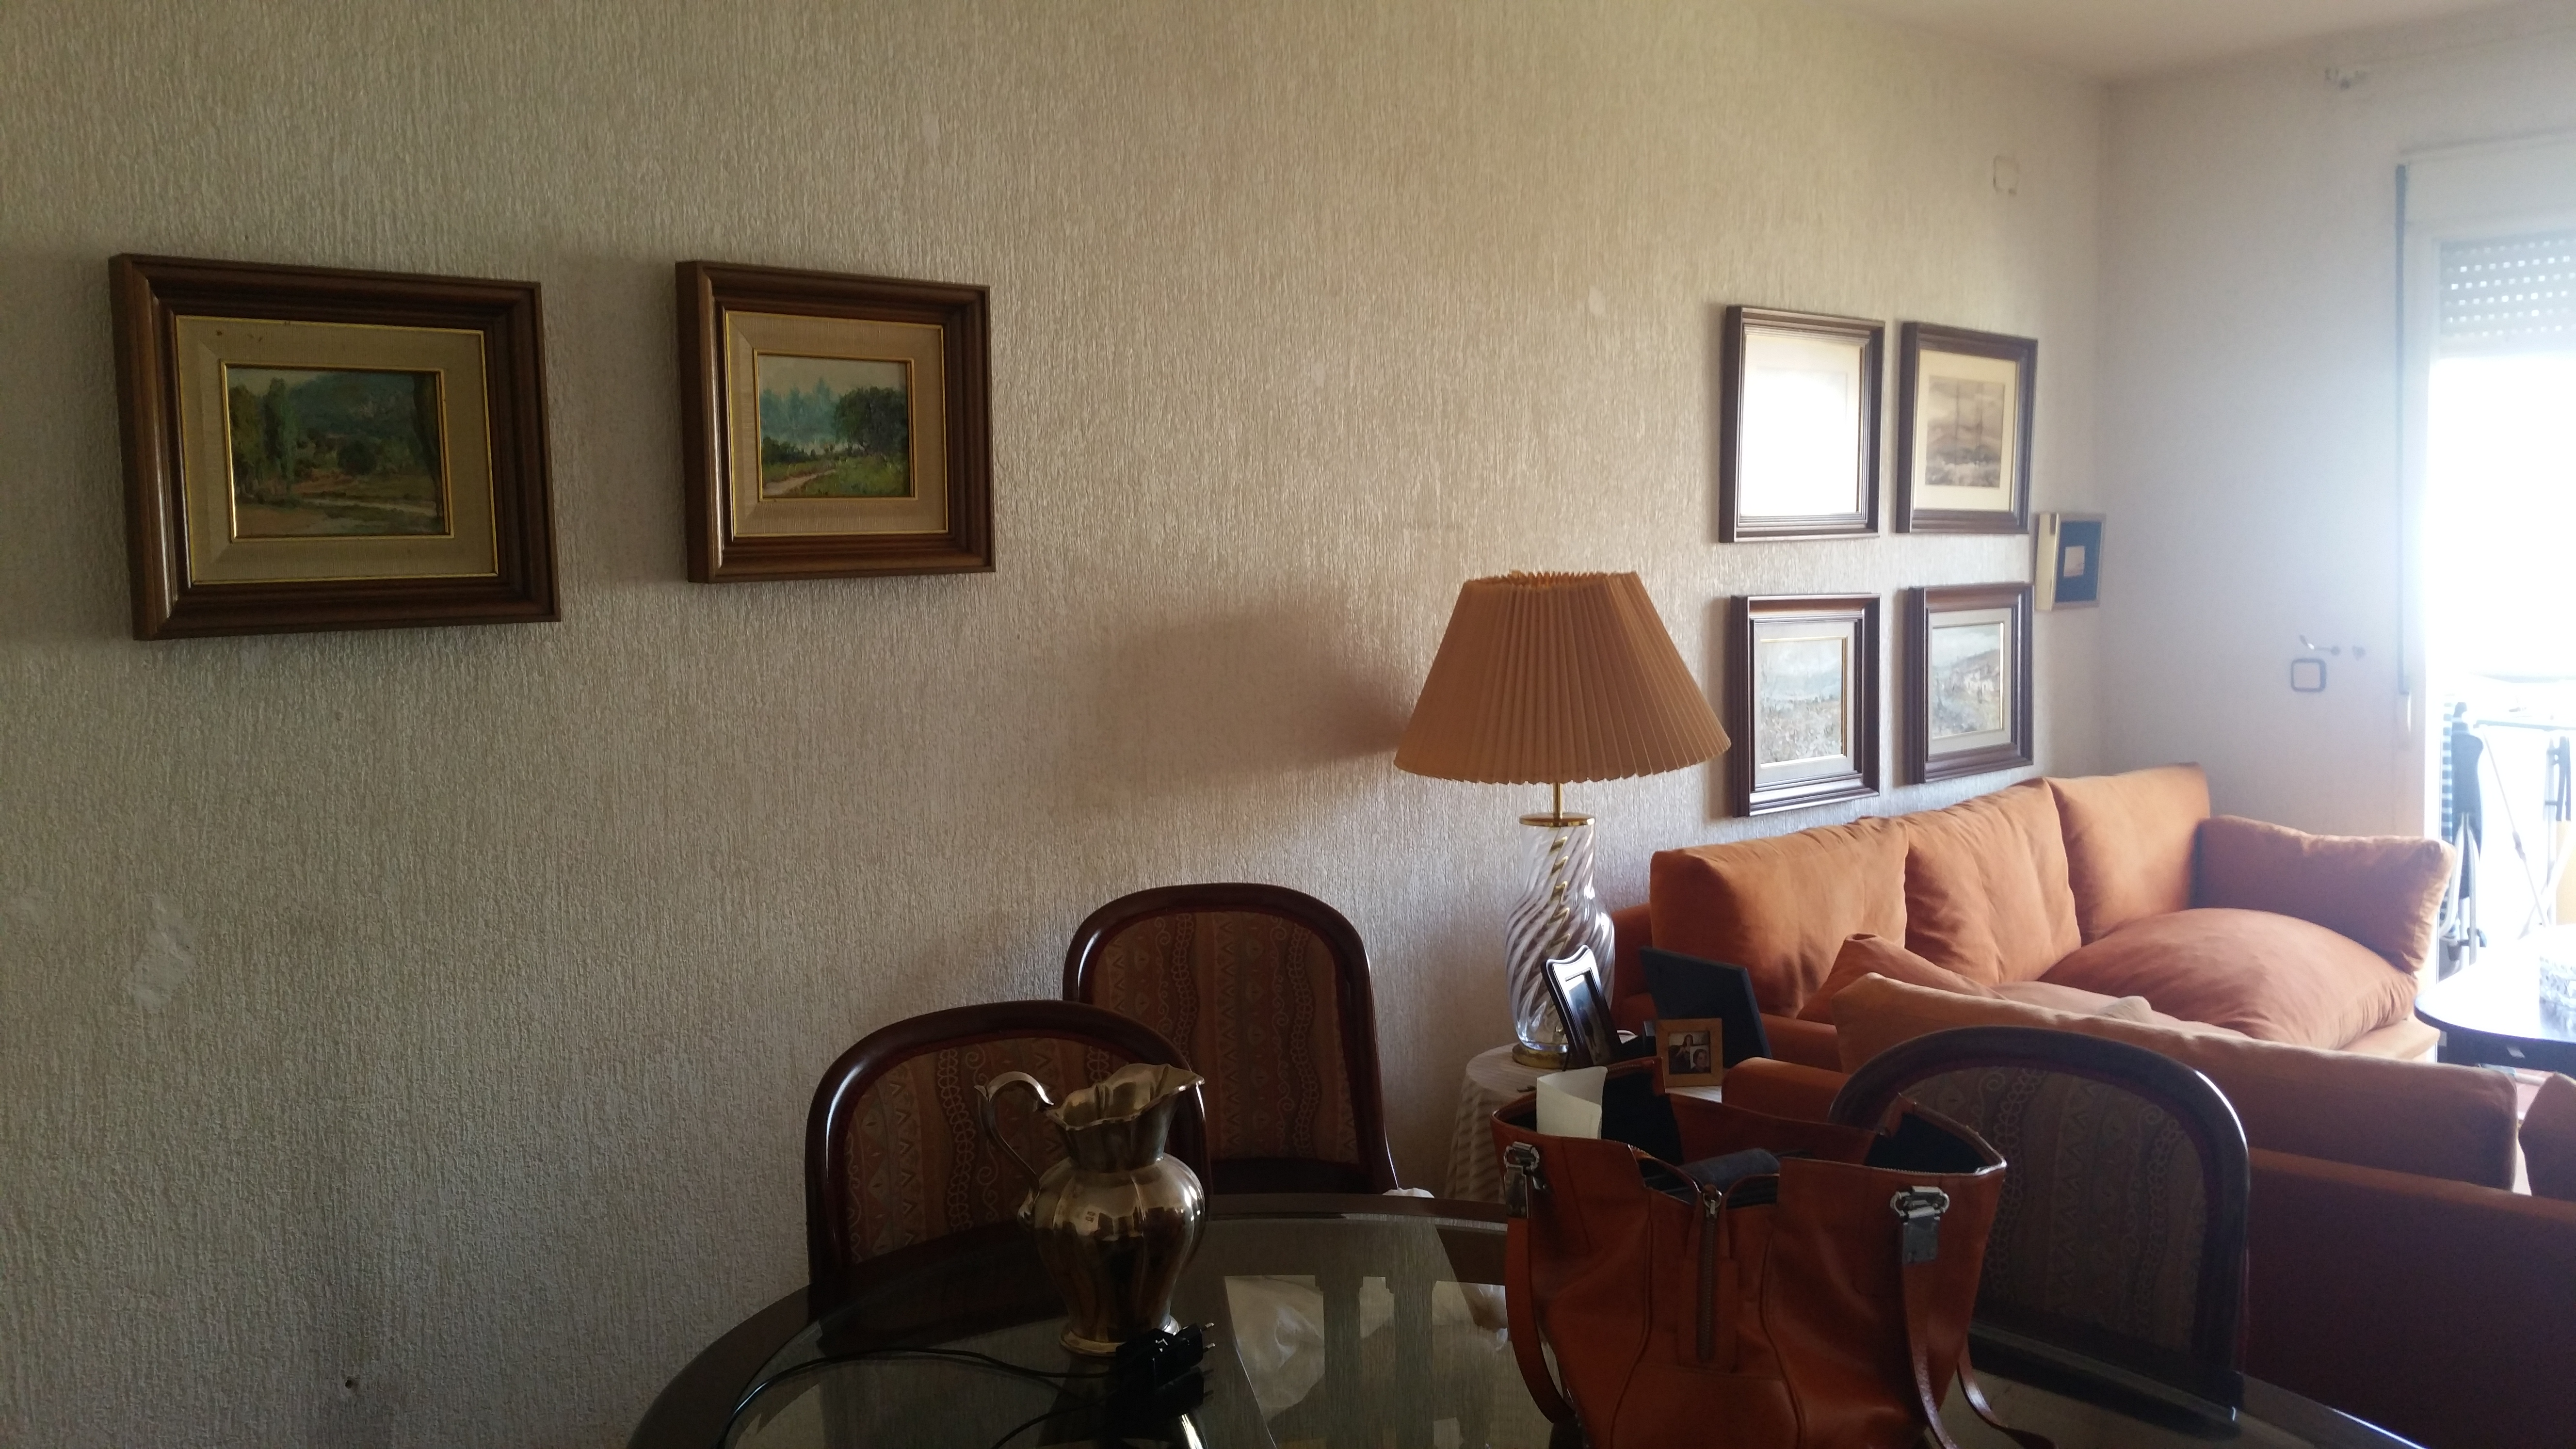 Decoradores de casas interiores decorador interiores virtual decoradores de casas interiores - Decoradores de casas ...